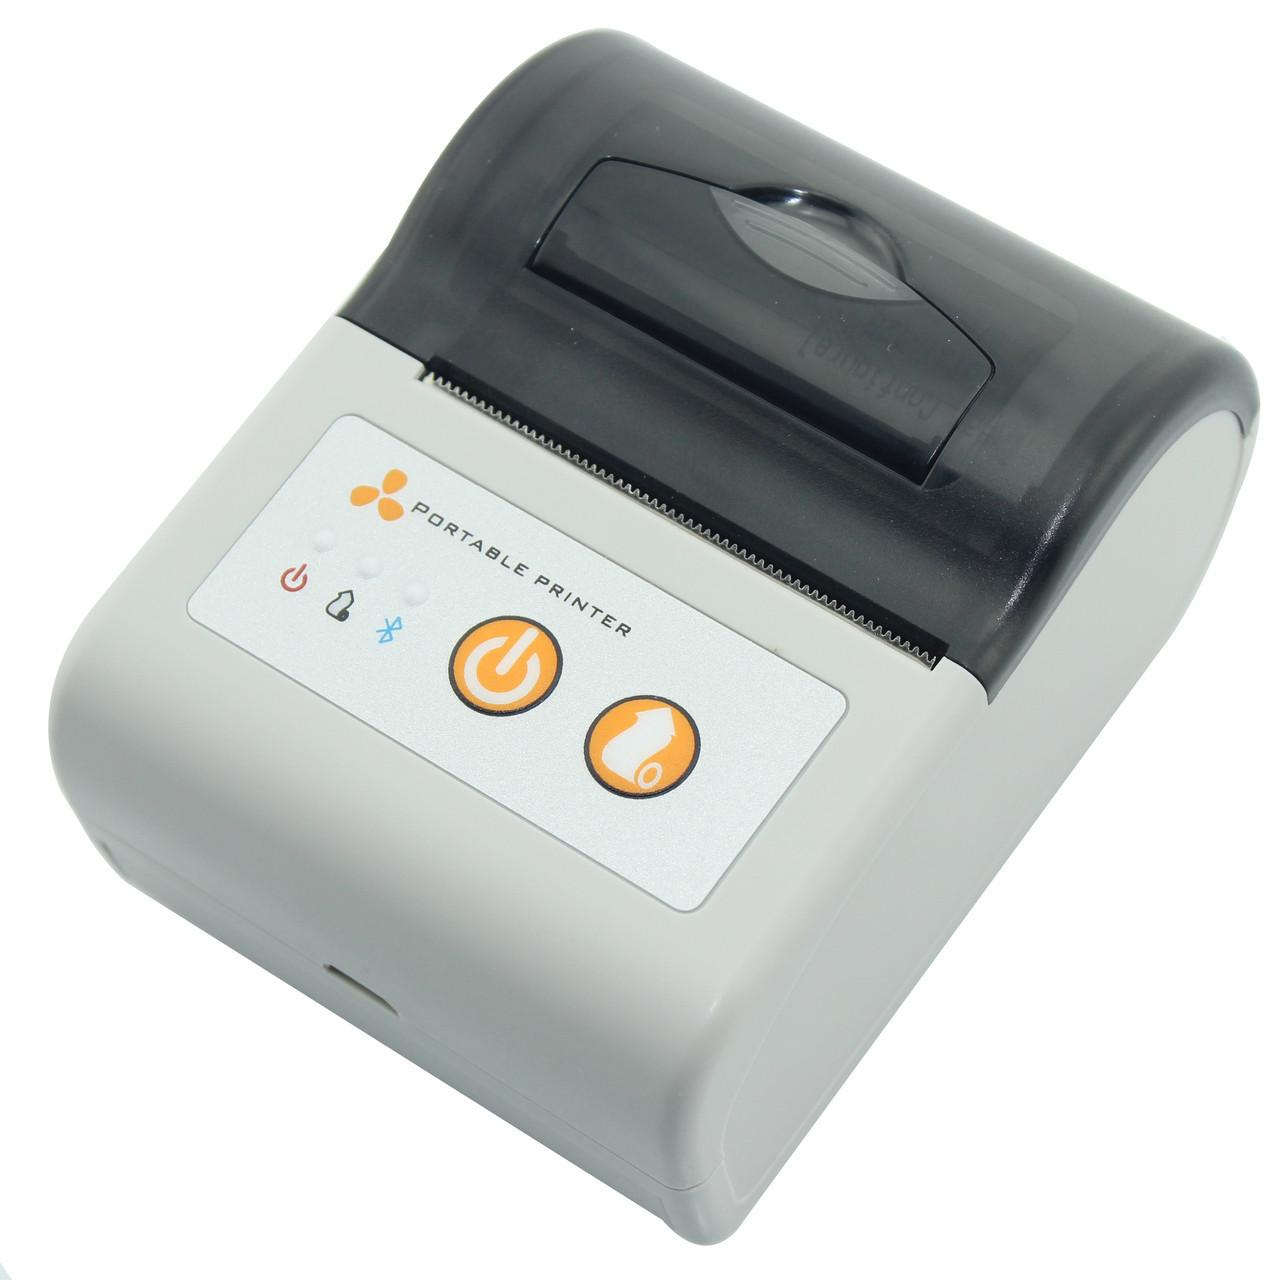 Принтер етикеток AsianWell AW-58A білий, мобільний, бездротовий, bluetooth (AW-58A)